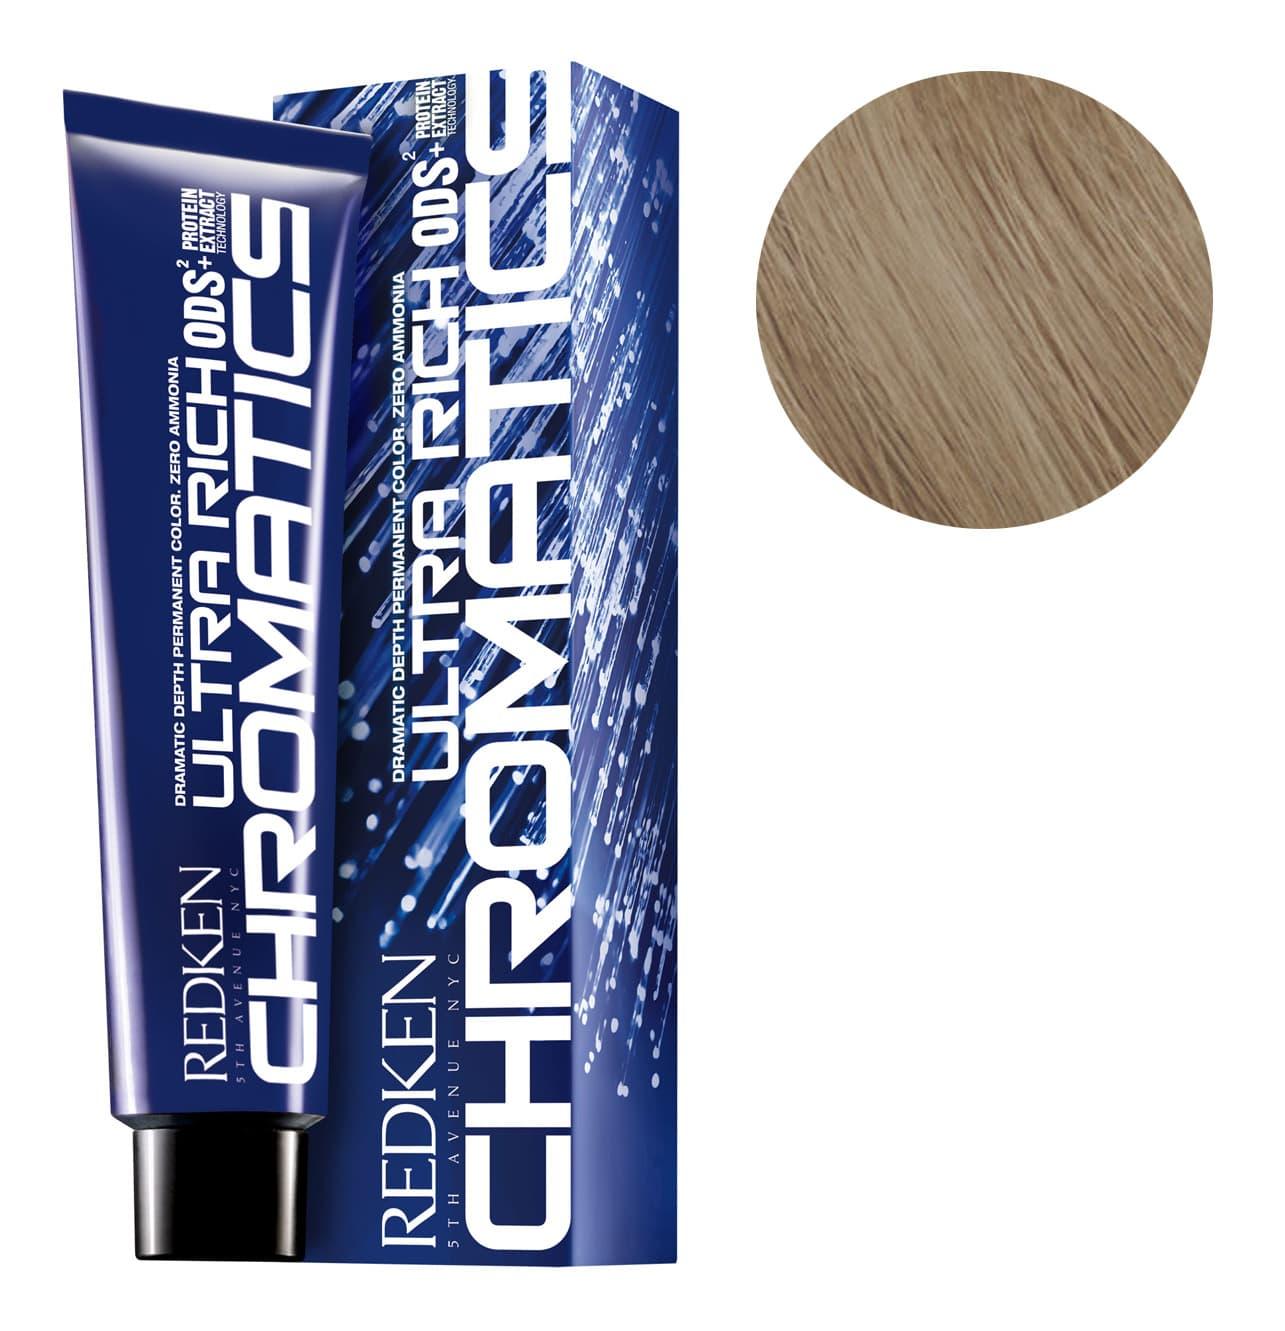 Купить Chromatics Ultra Rich Краска Для Волос № 8 Nn Натуральный 60 Мл, Redken